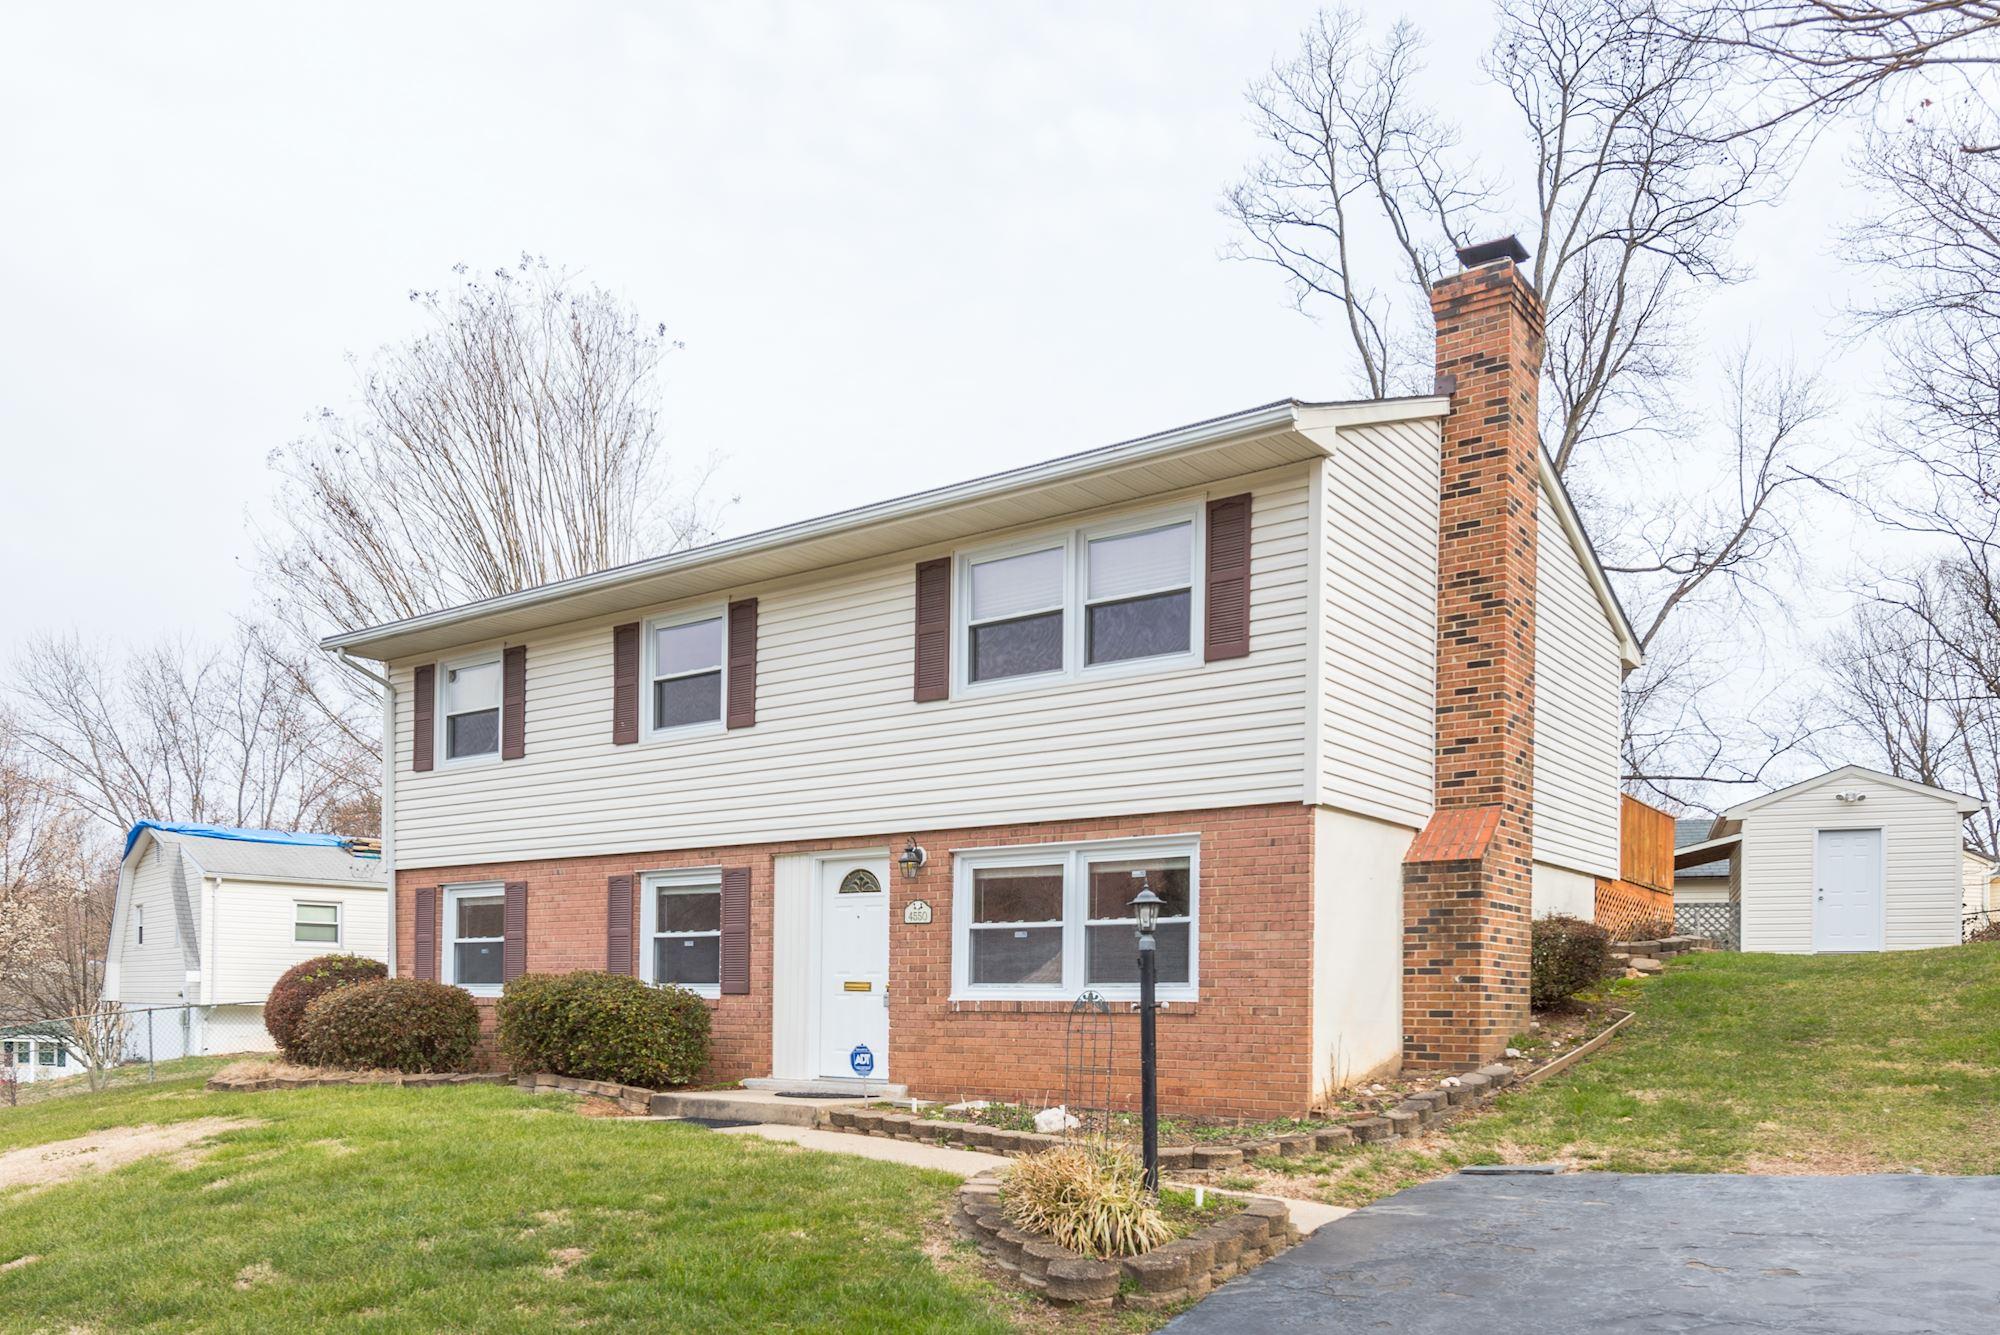 SOLD: 4 BDR Home In Woodbridge, VA